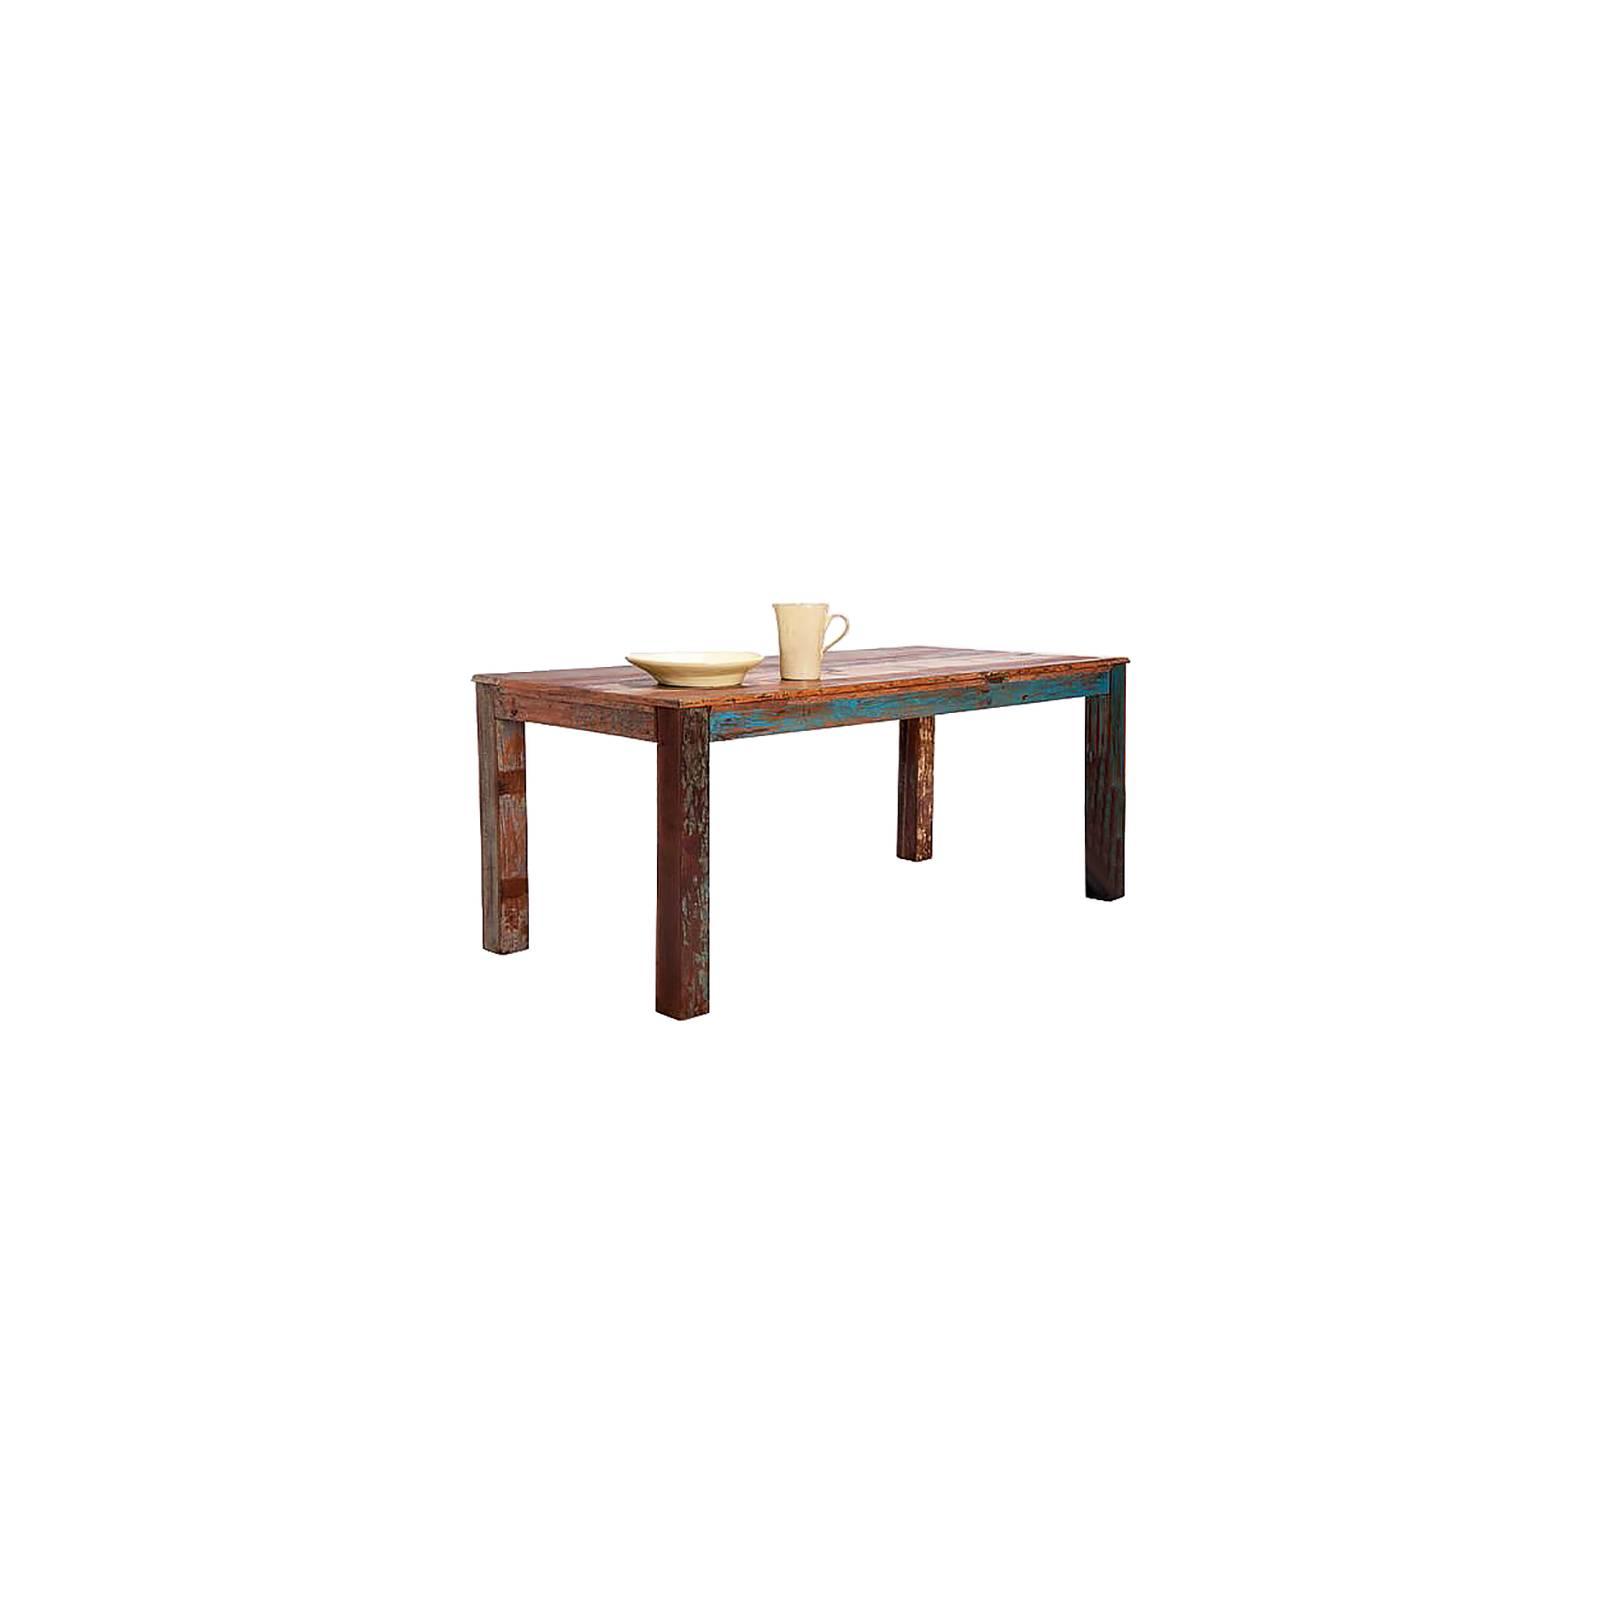 Table à Manger Teck Origine. Meuble Multicolore en bois recyclé.